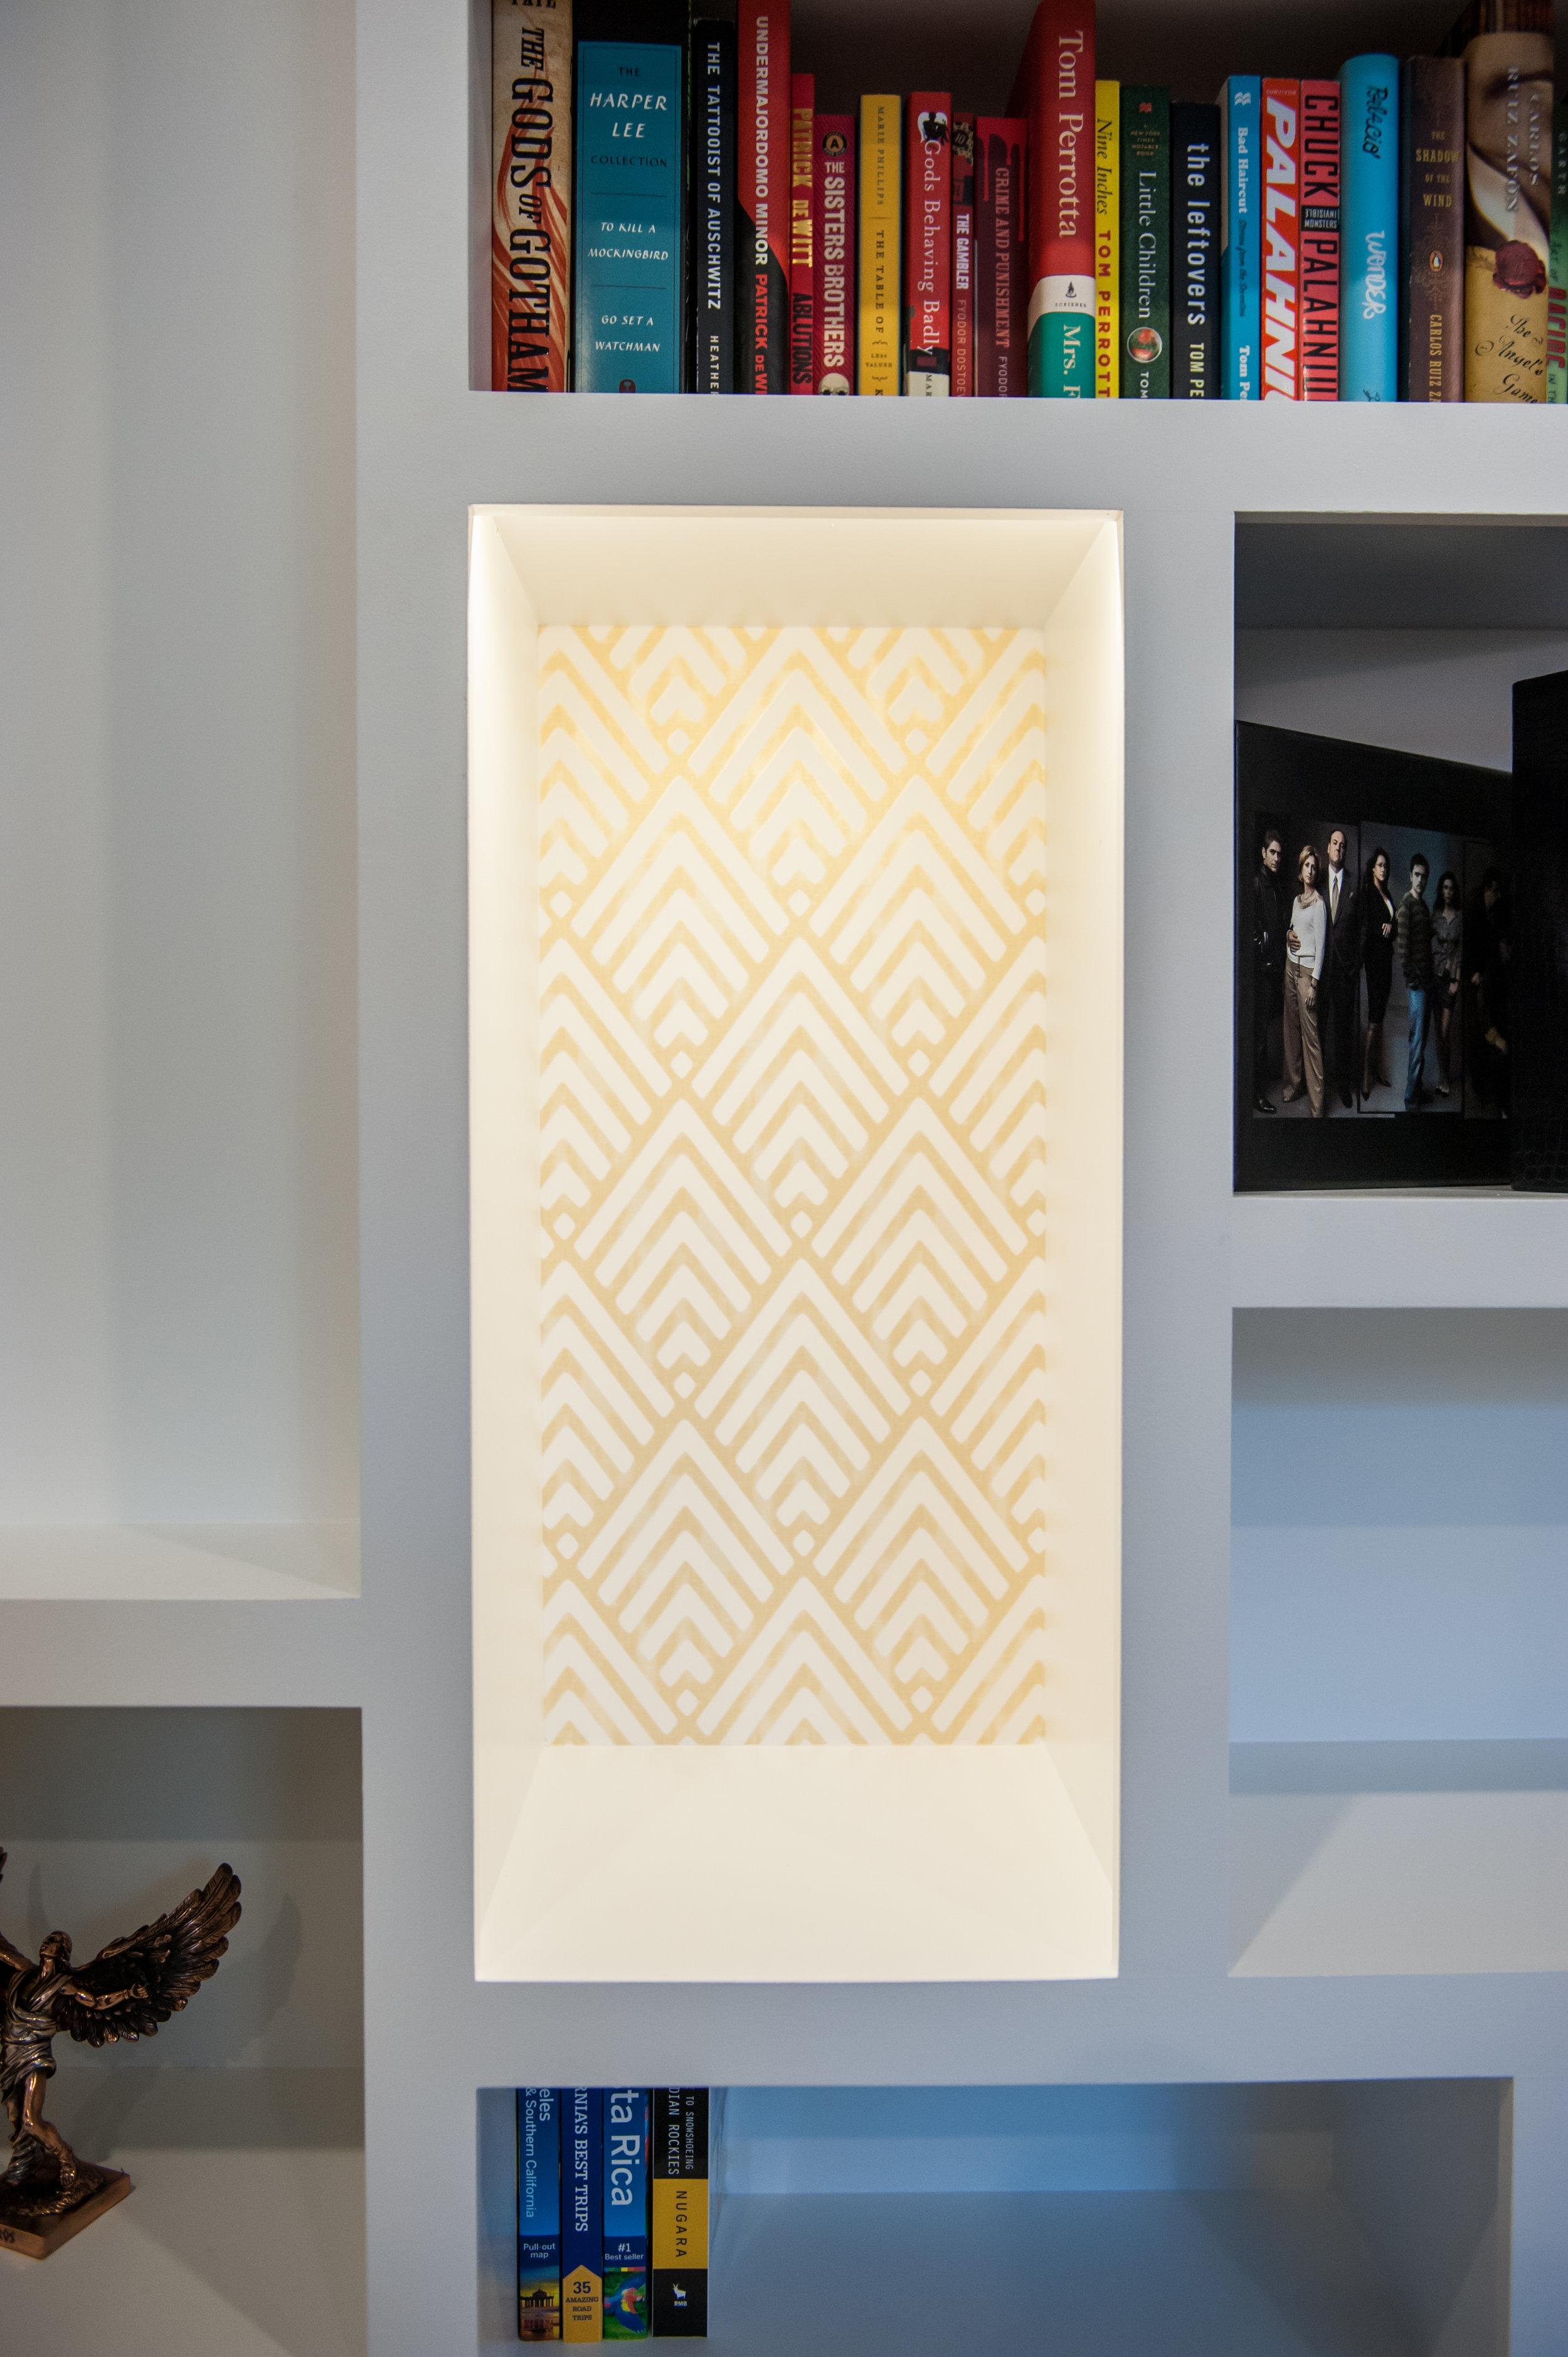 custom_bookshelf_wallpaper